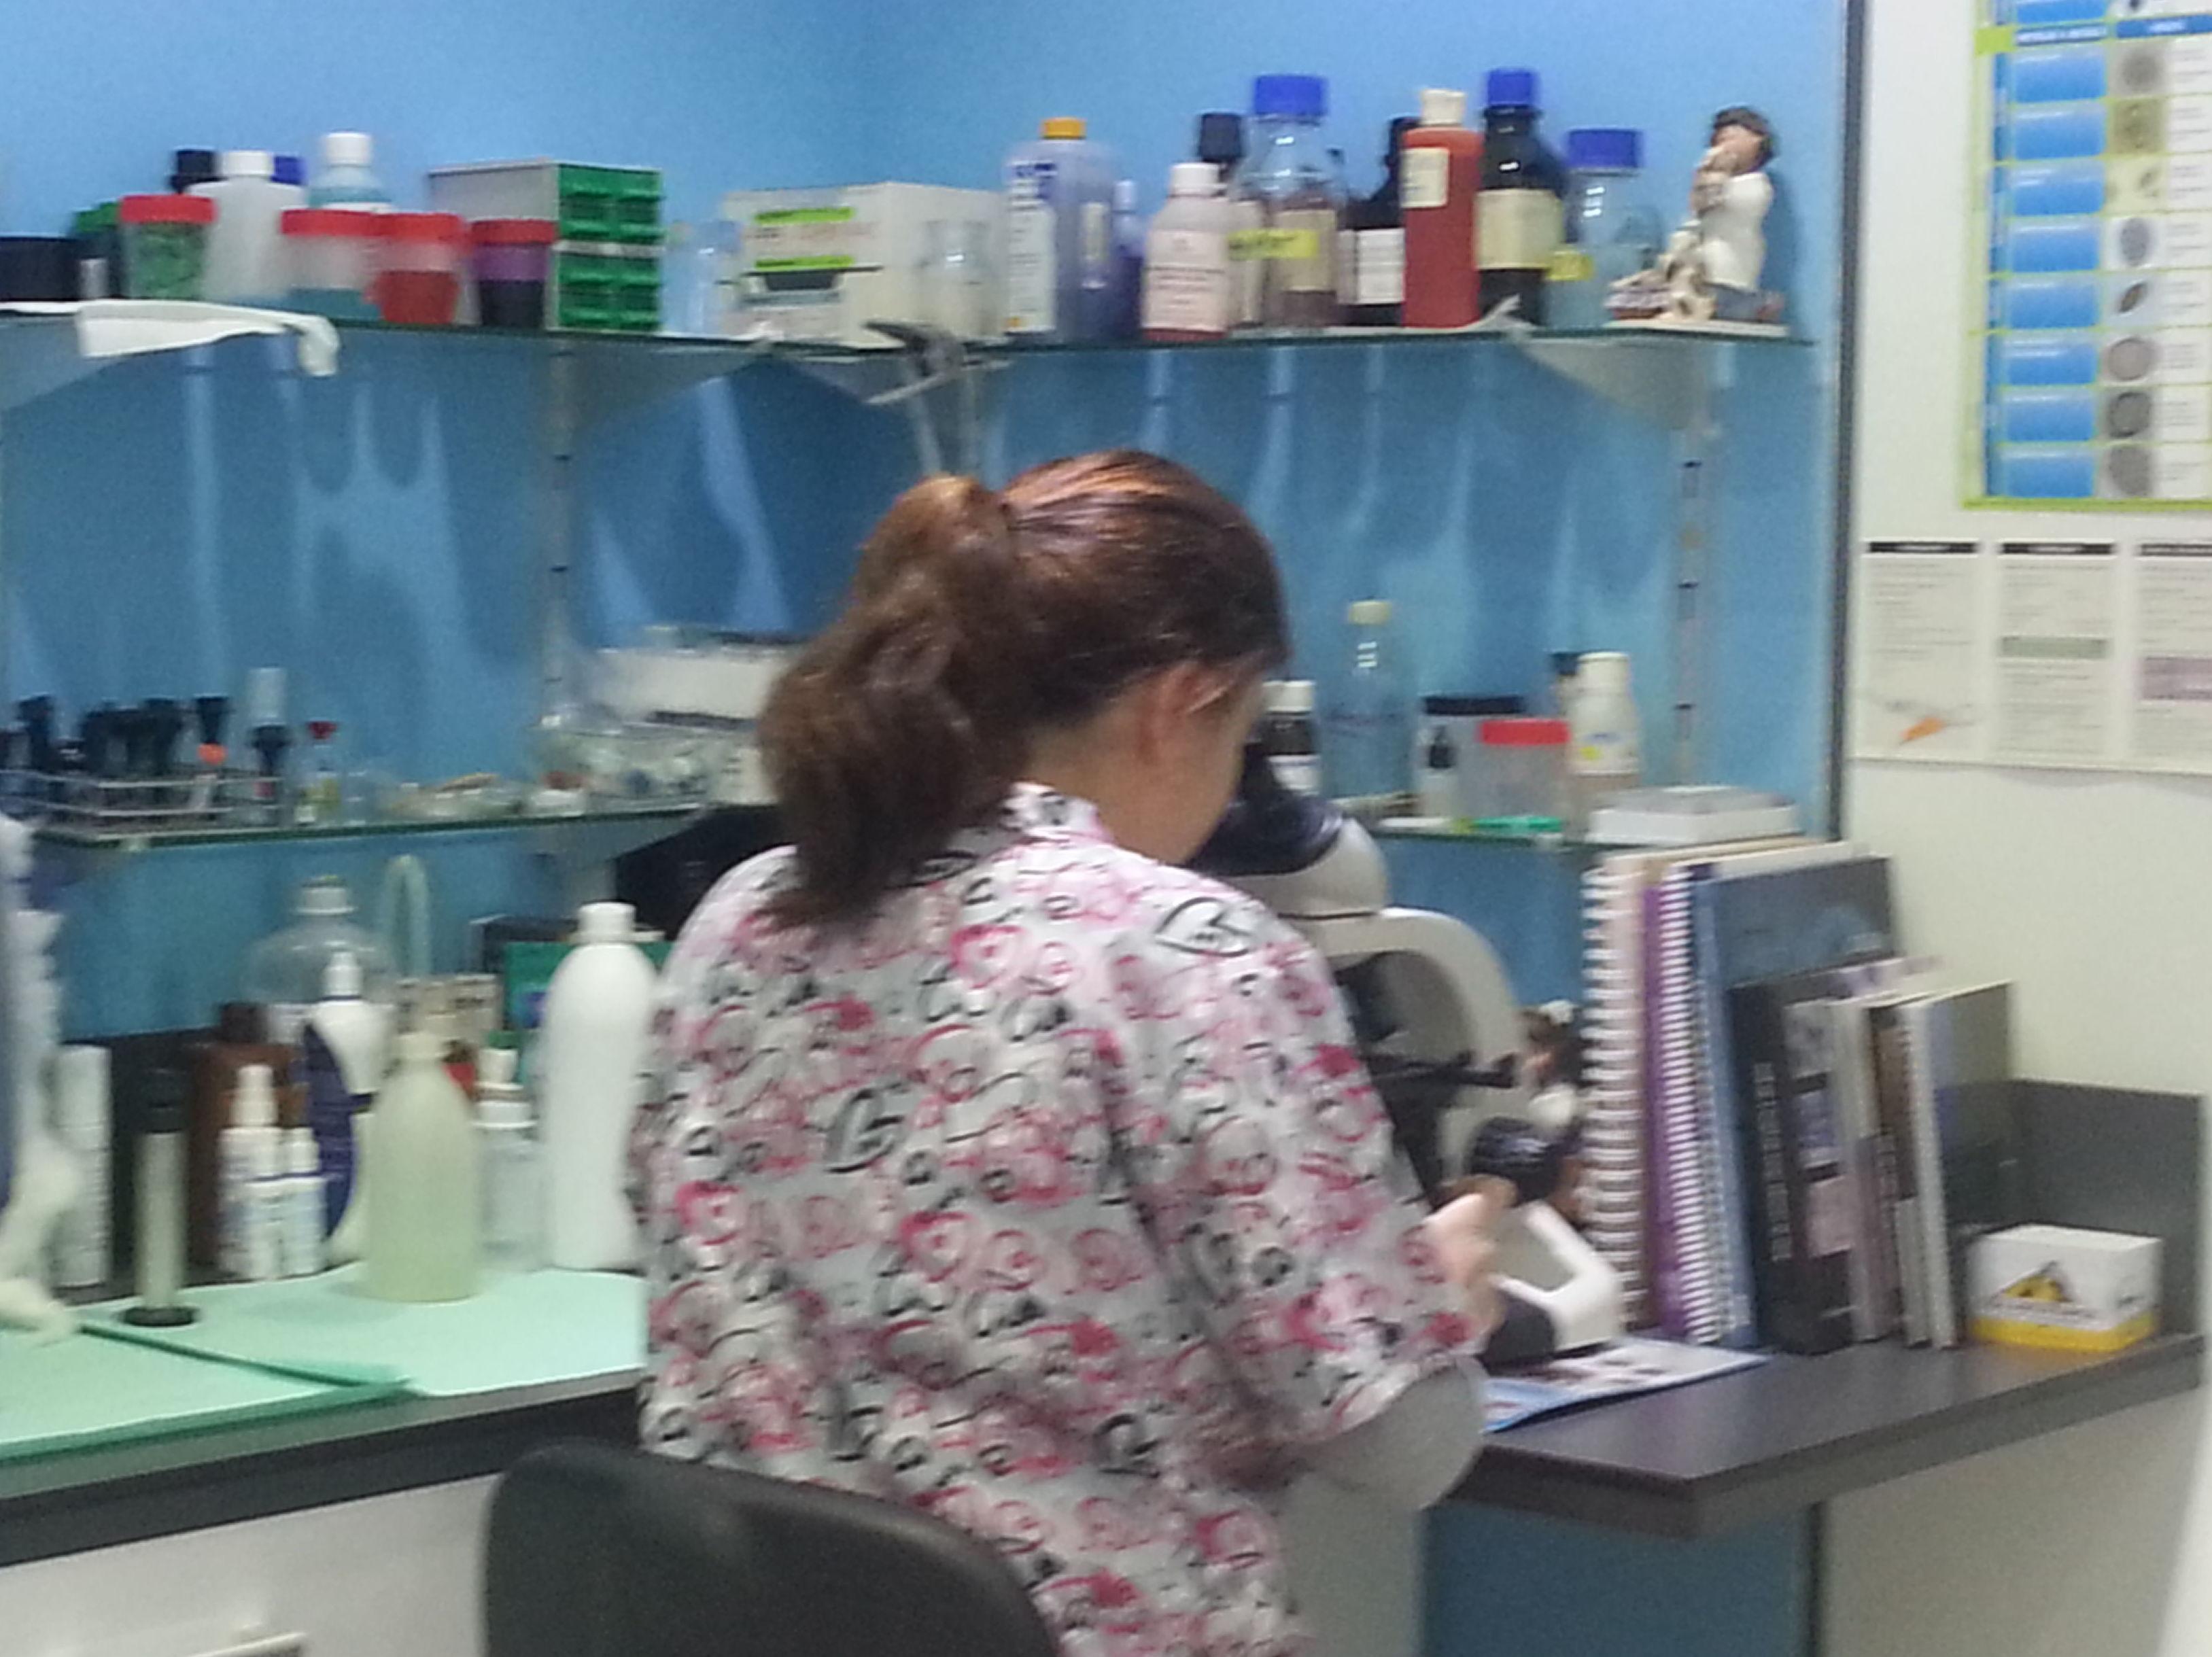 Análisis de laboratorio: Servicios de Clínica Veterinaria Ricardo Díez Reyero